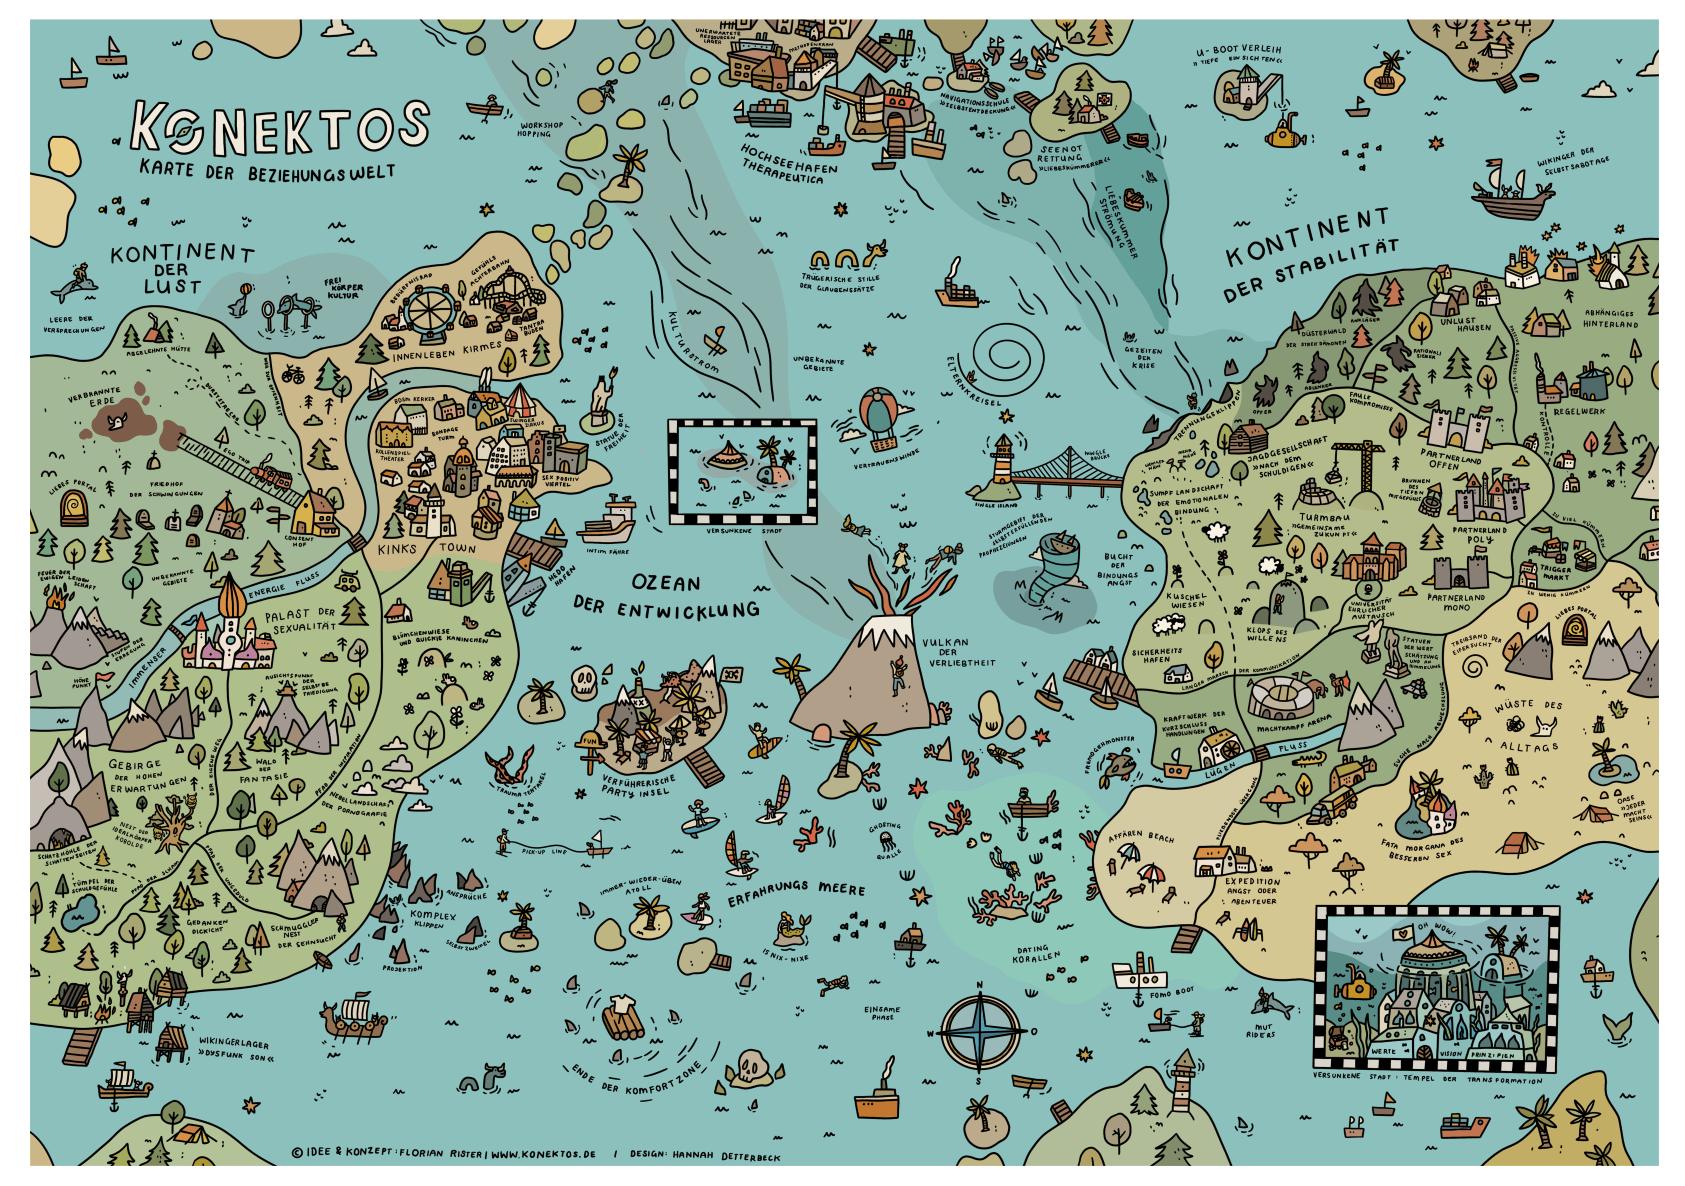 Konektos - Karte der Beziehungswelt